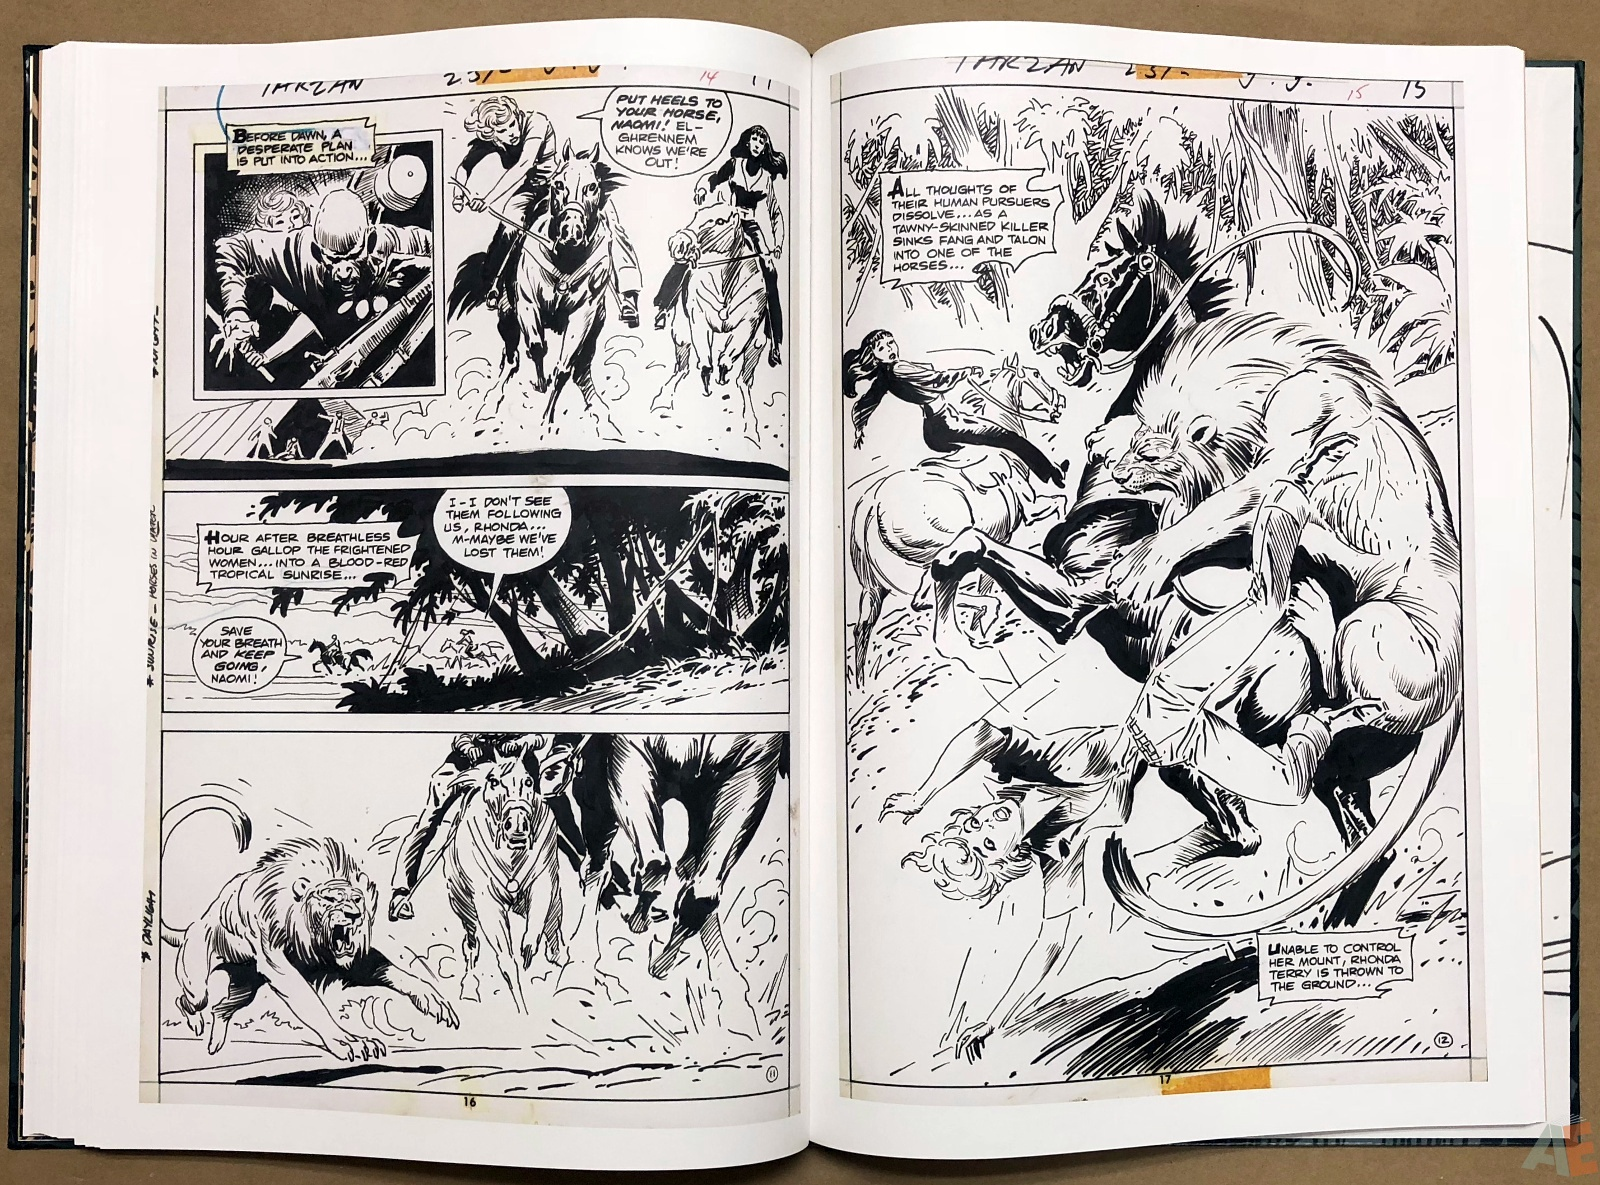 Joe Kubert's Tarzan and the Lion Man Artist's Edition 32